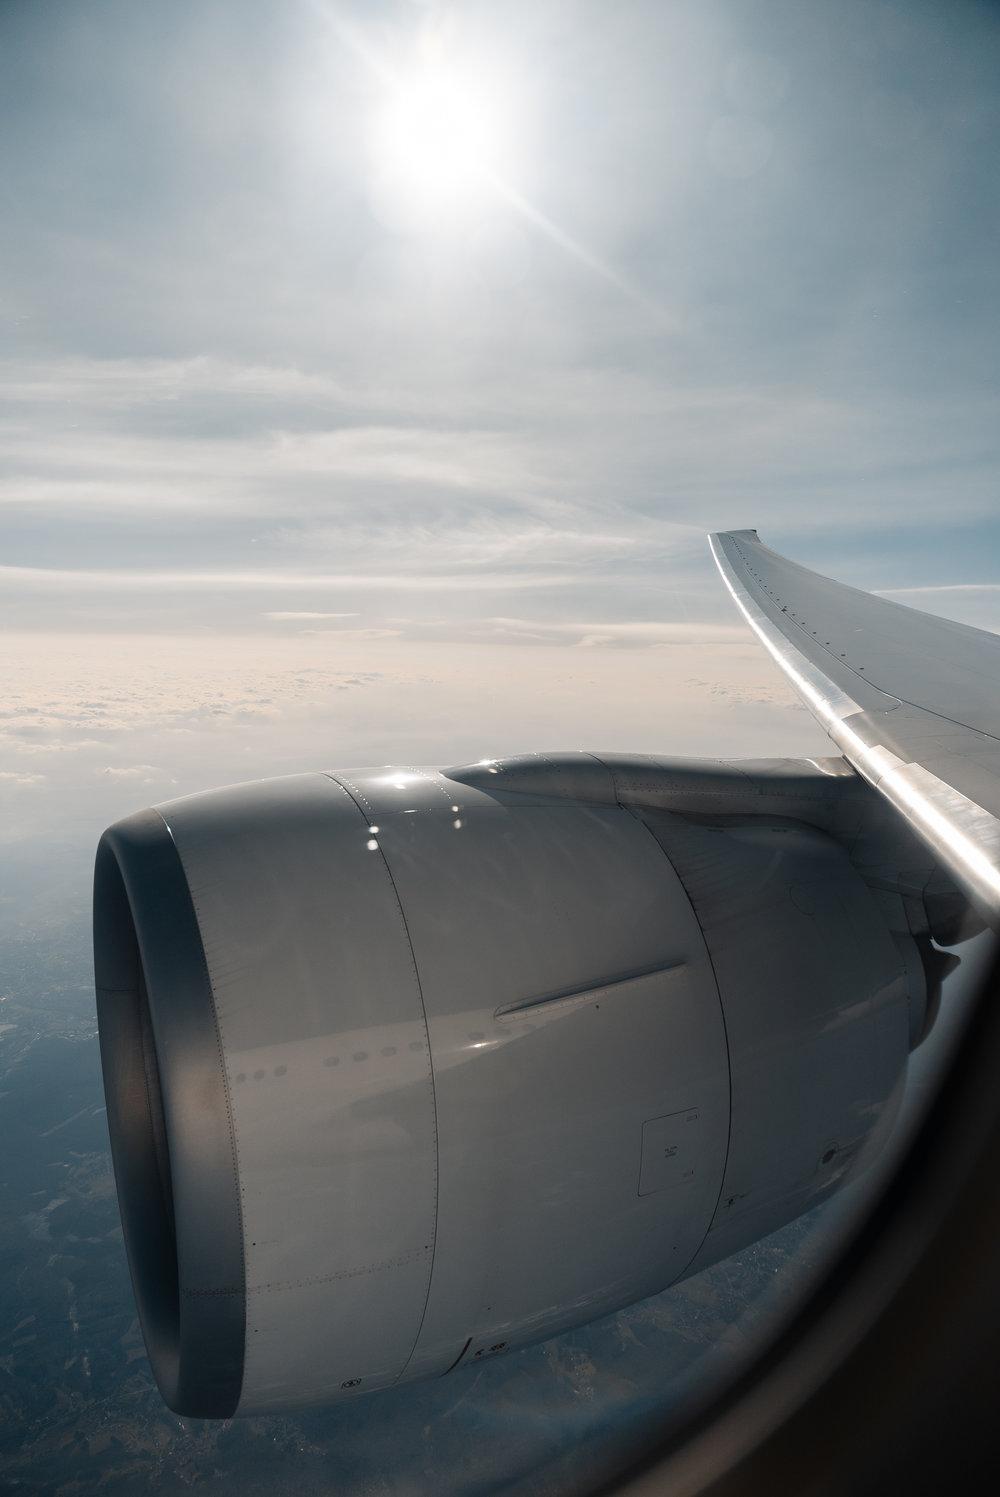 Swiss 777 over zurich